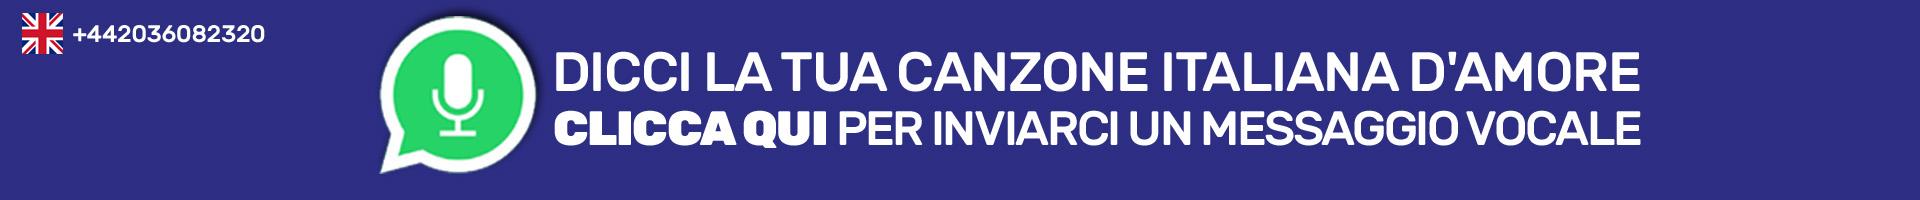 dicci la tua canzone italiana d'amore - clicca qui per inviarci un messaggio whatsapp